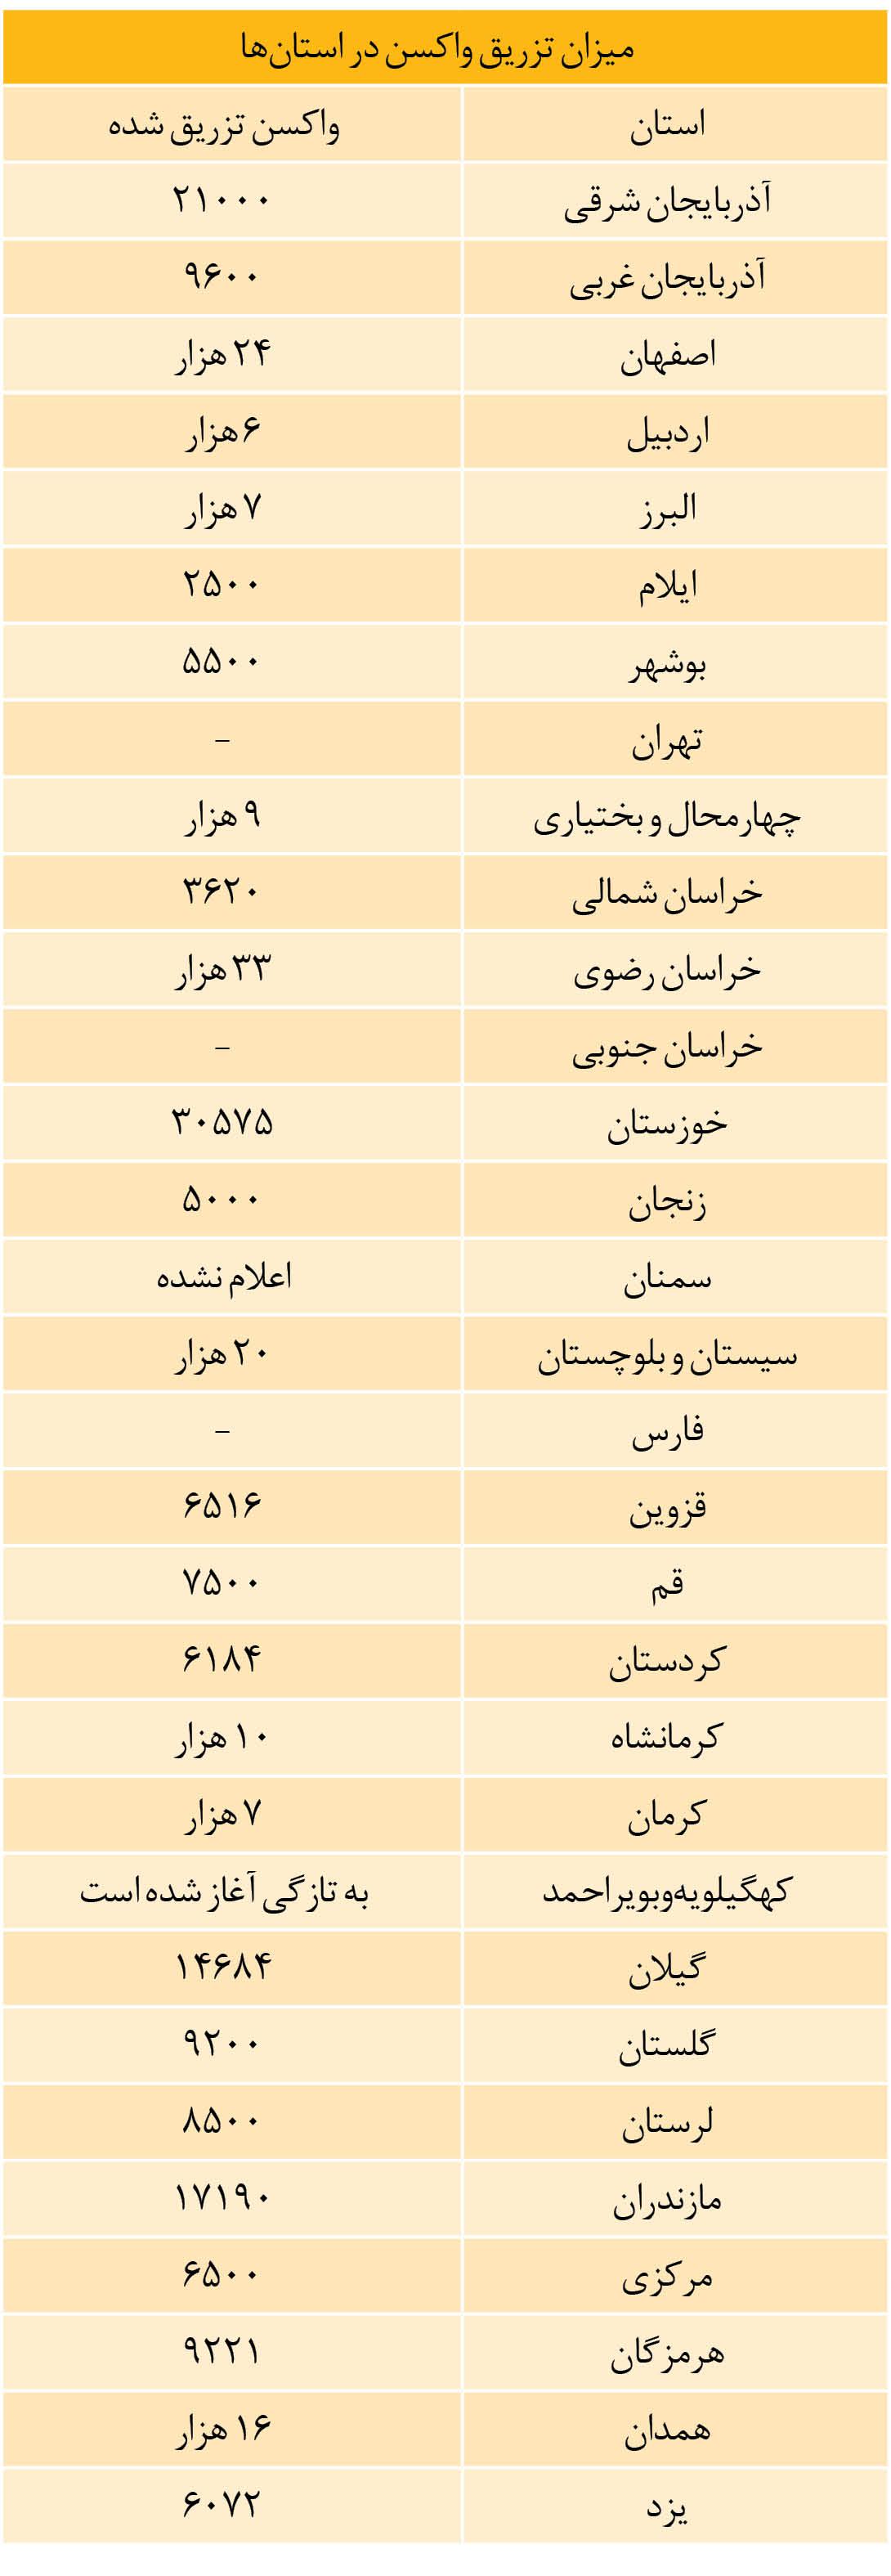 آمار کامل واکسیناسیون در تمام استان ها